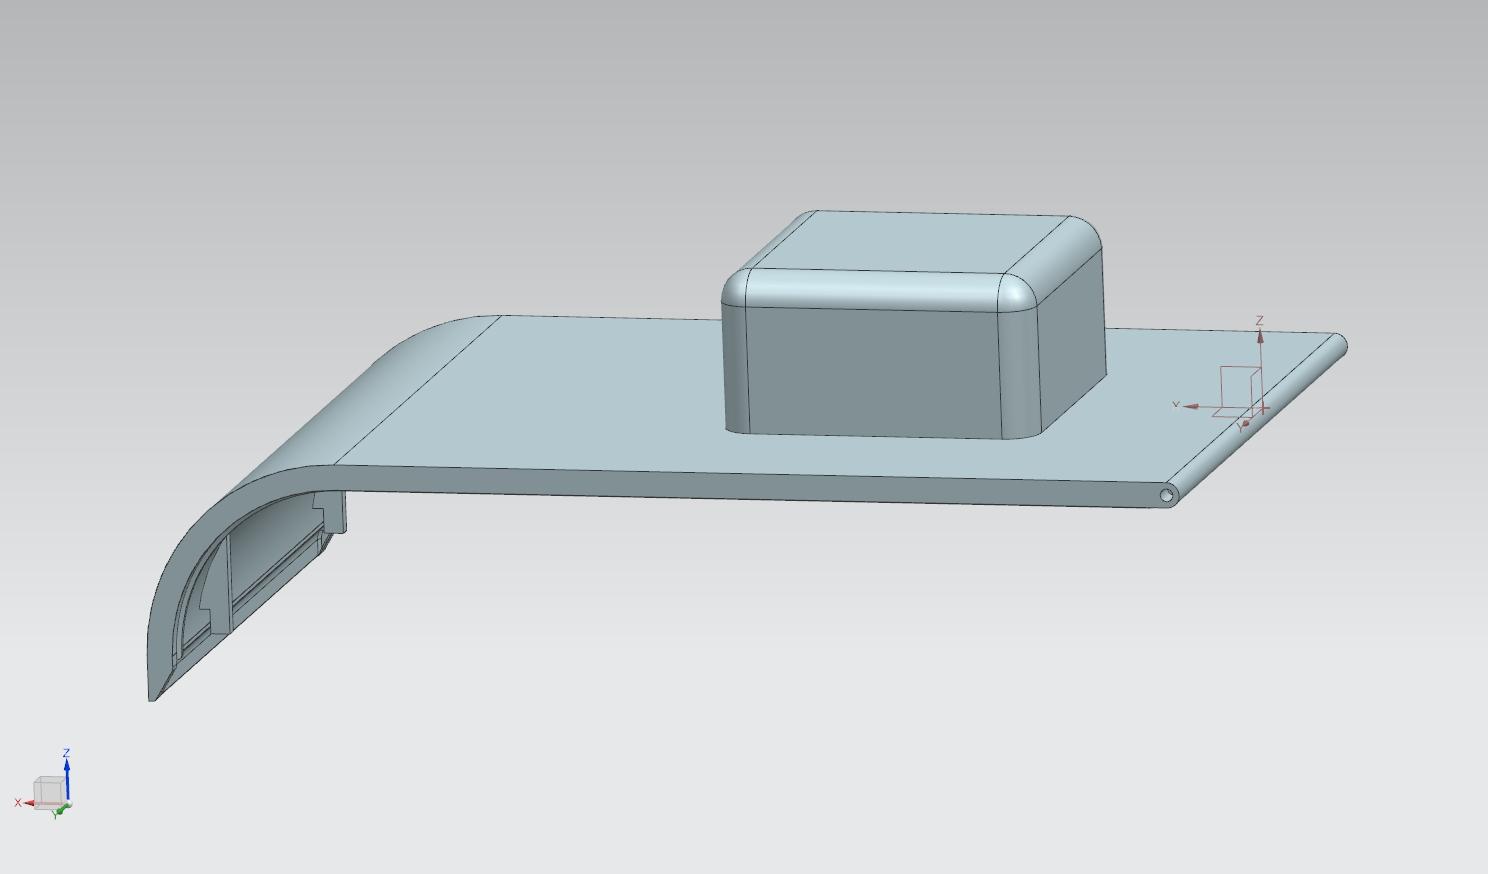 光譜儀器上蓋-3d檔